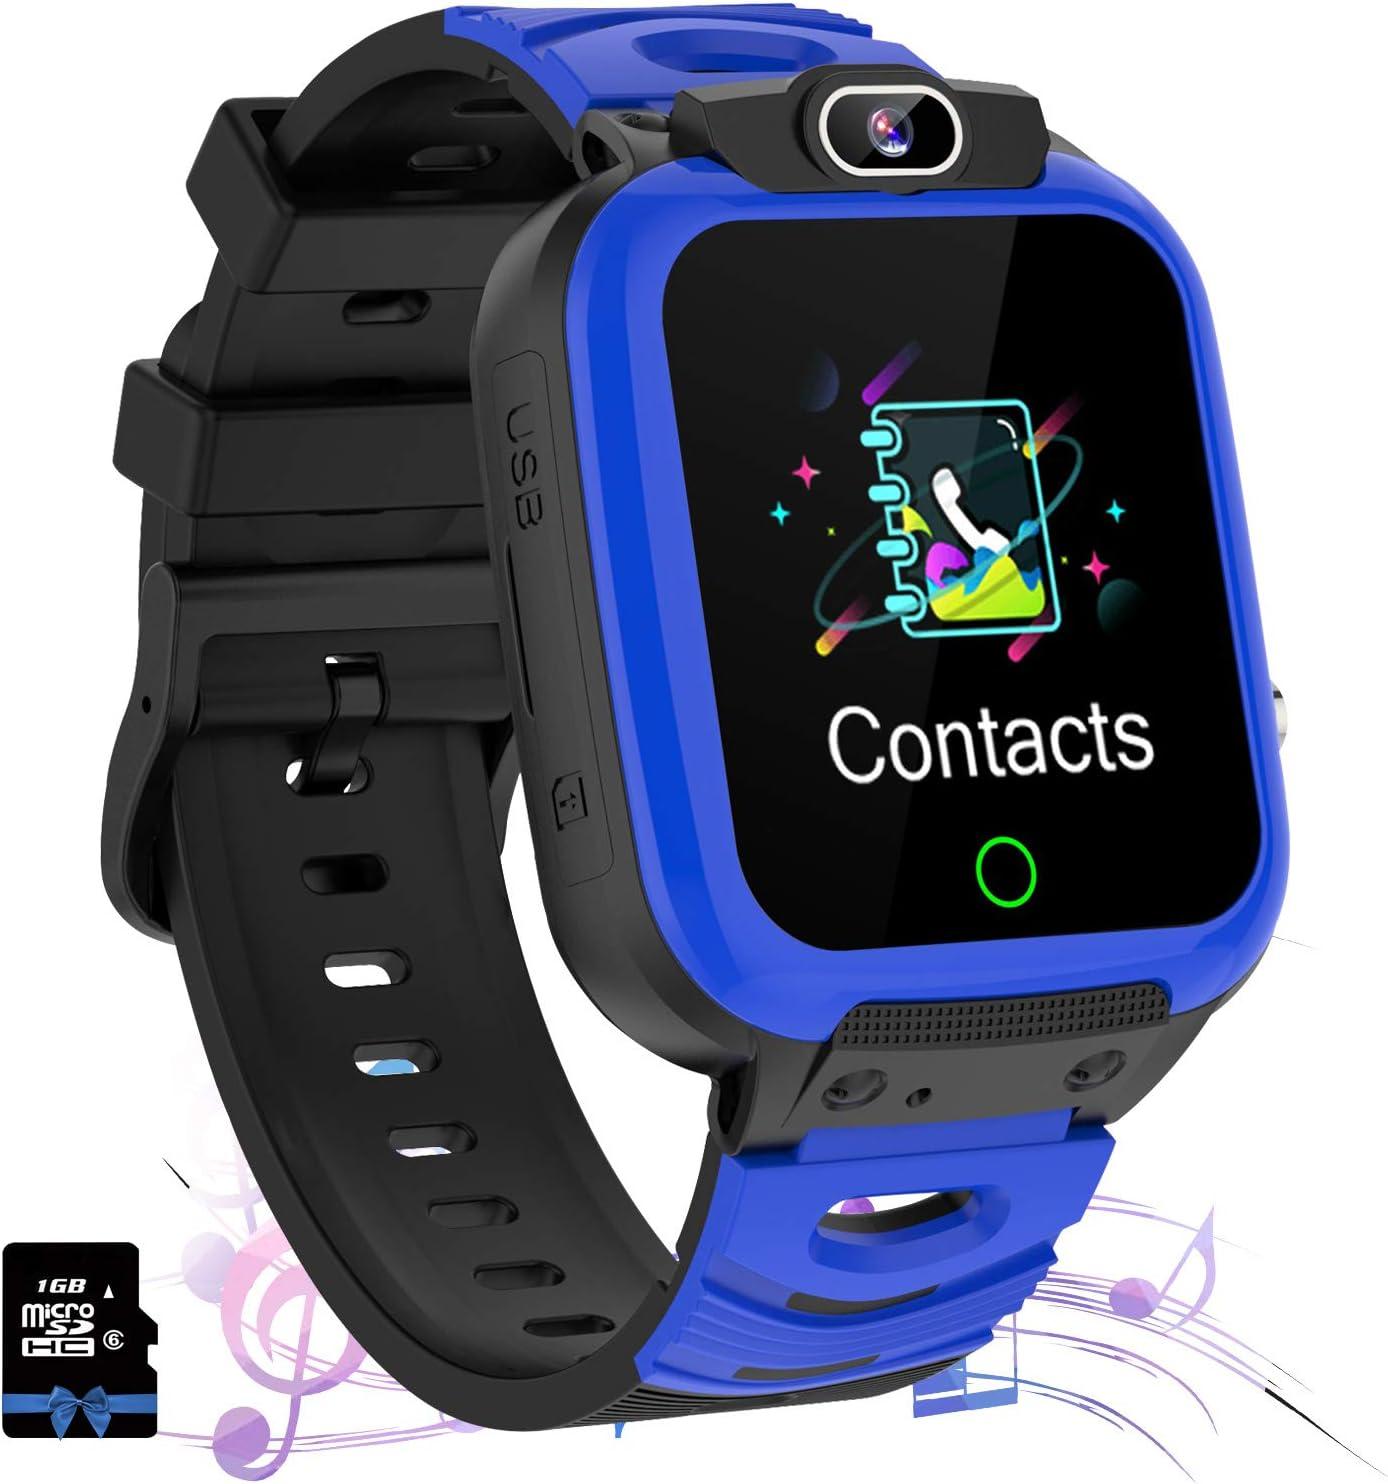 Jaybest Smartwatch Niños - Relojes Inteligentes Teléfono Niños con SOS Música 7 Juegos Cámara Grabación de vídeo Calculadora Pantalla Táctil, Reloj Llamada Niños Regalos para 4-12 Años (Azul Marino)